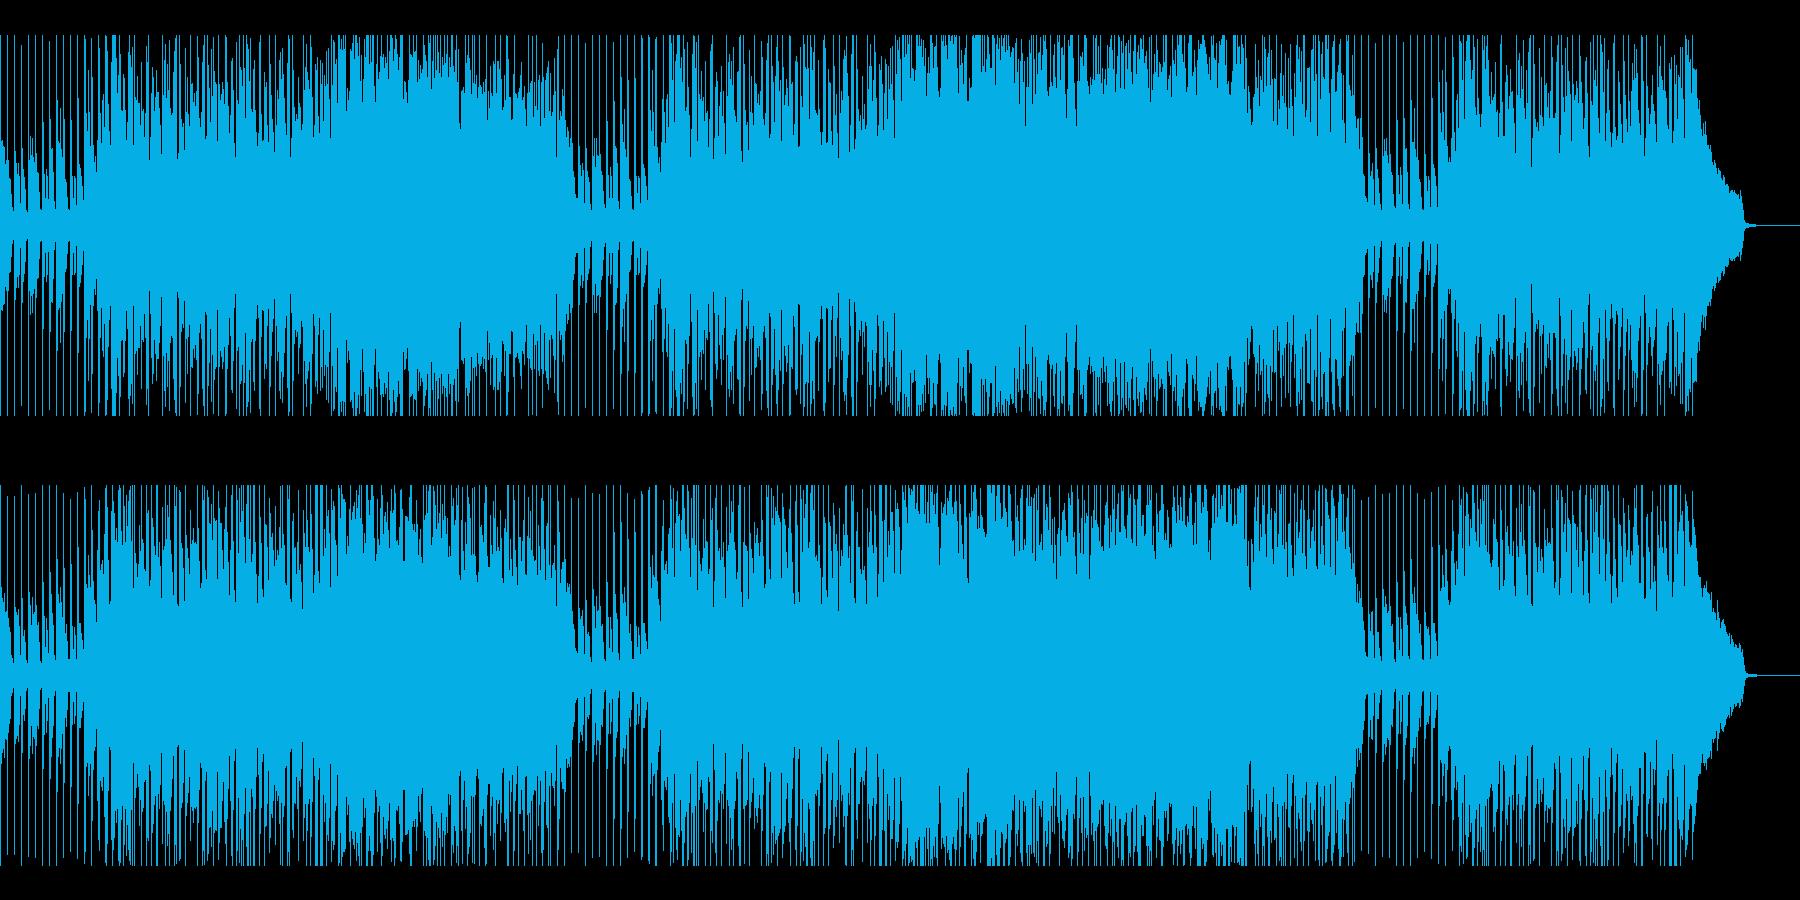 アグレッシブなカッコイイピアノとドラム。の再生済みの波形